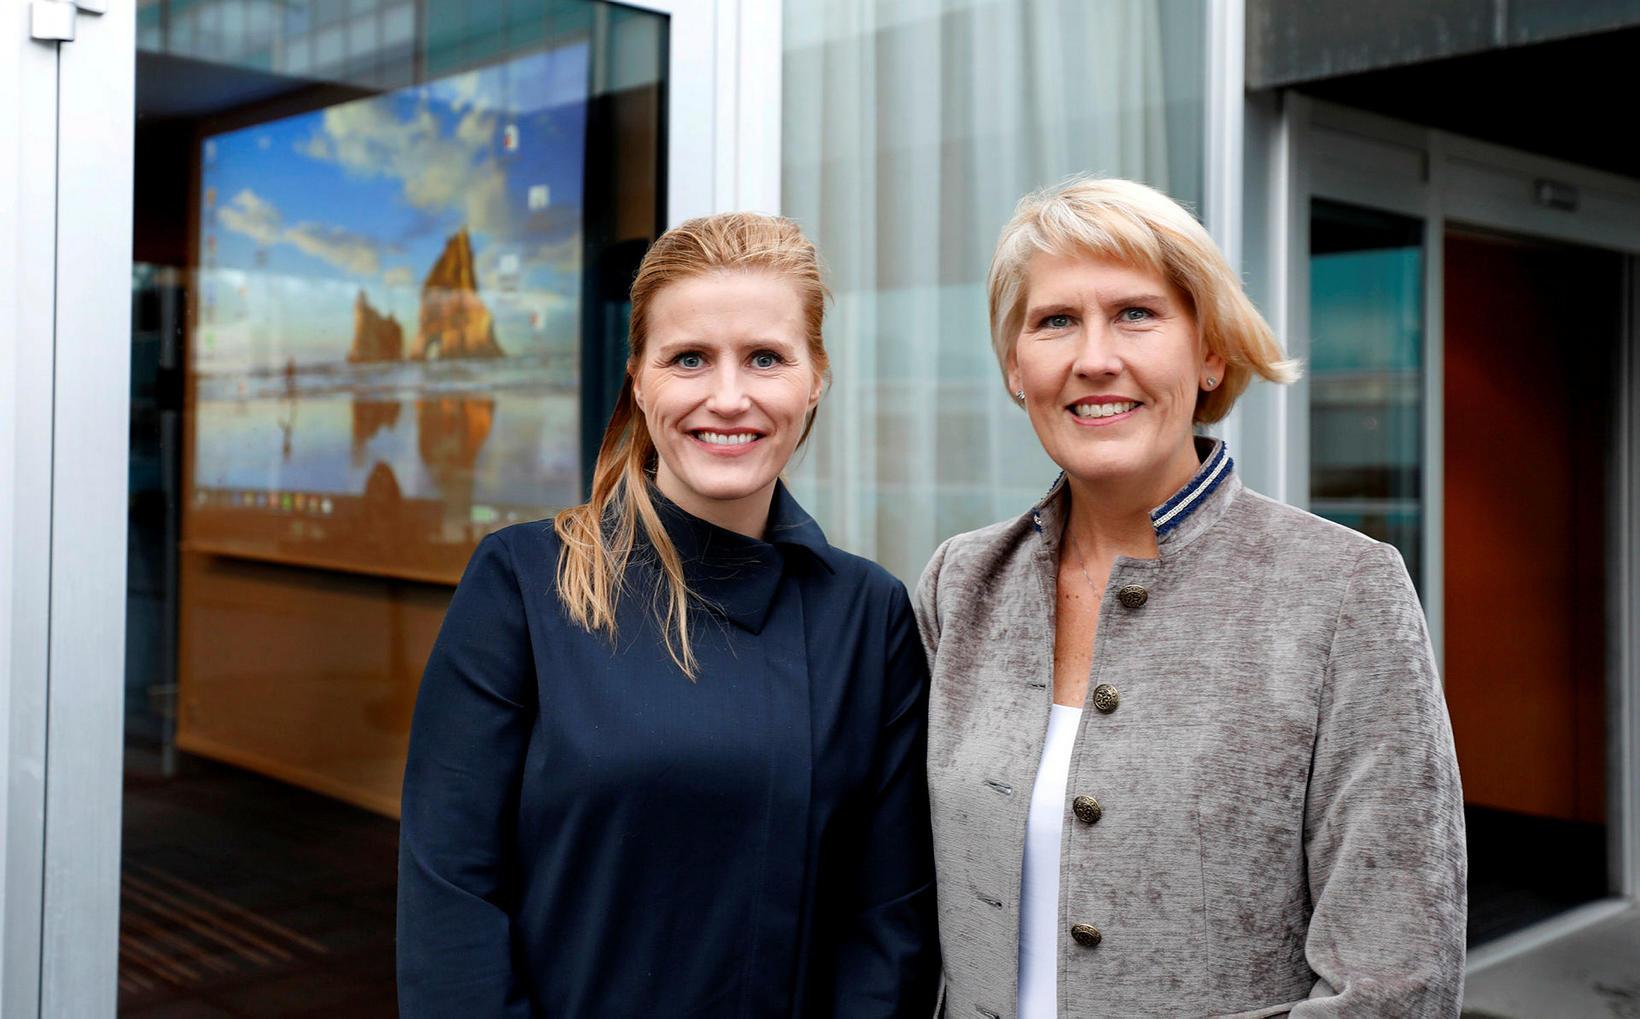 Jóhanna Bryndís Bjarnadóttir, nýr formaður Tannlæknafélags Íslands og Elín Sigurgeirsdóttir, …